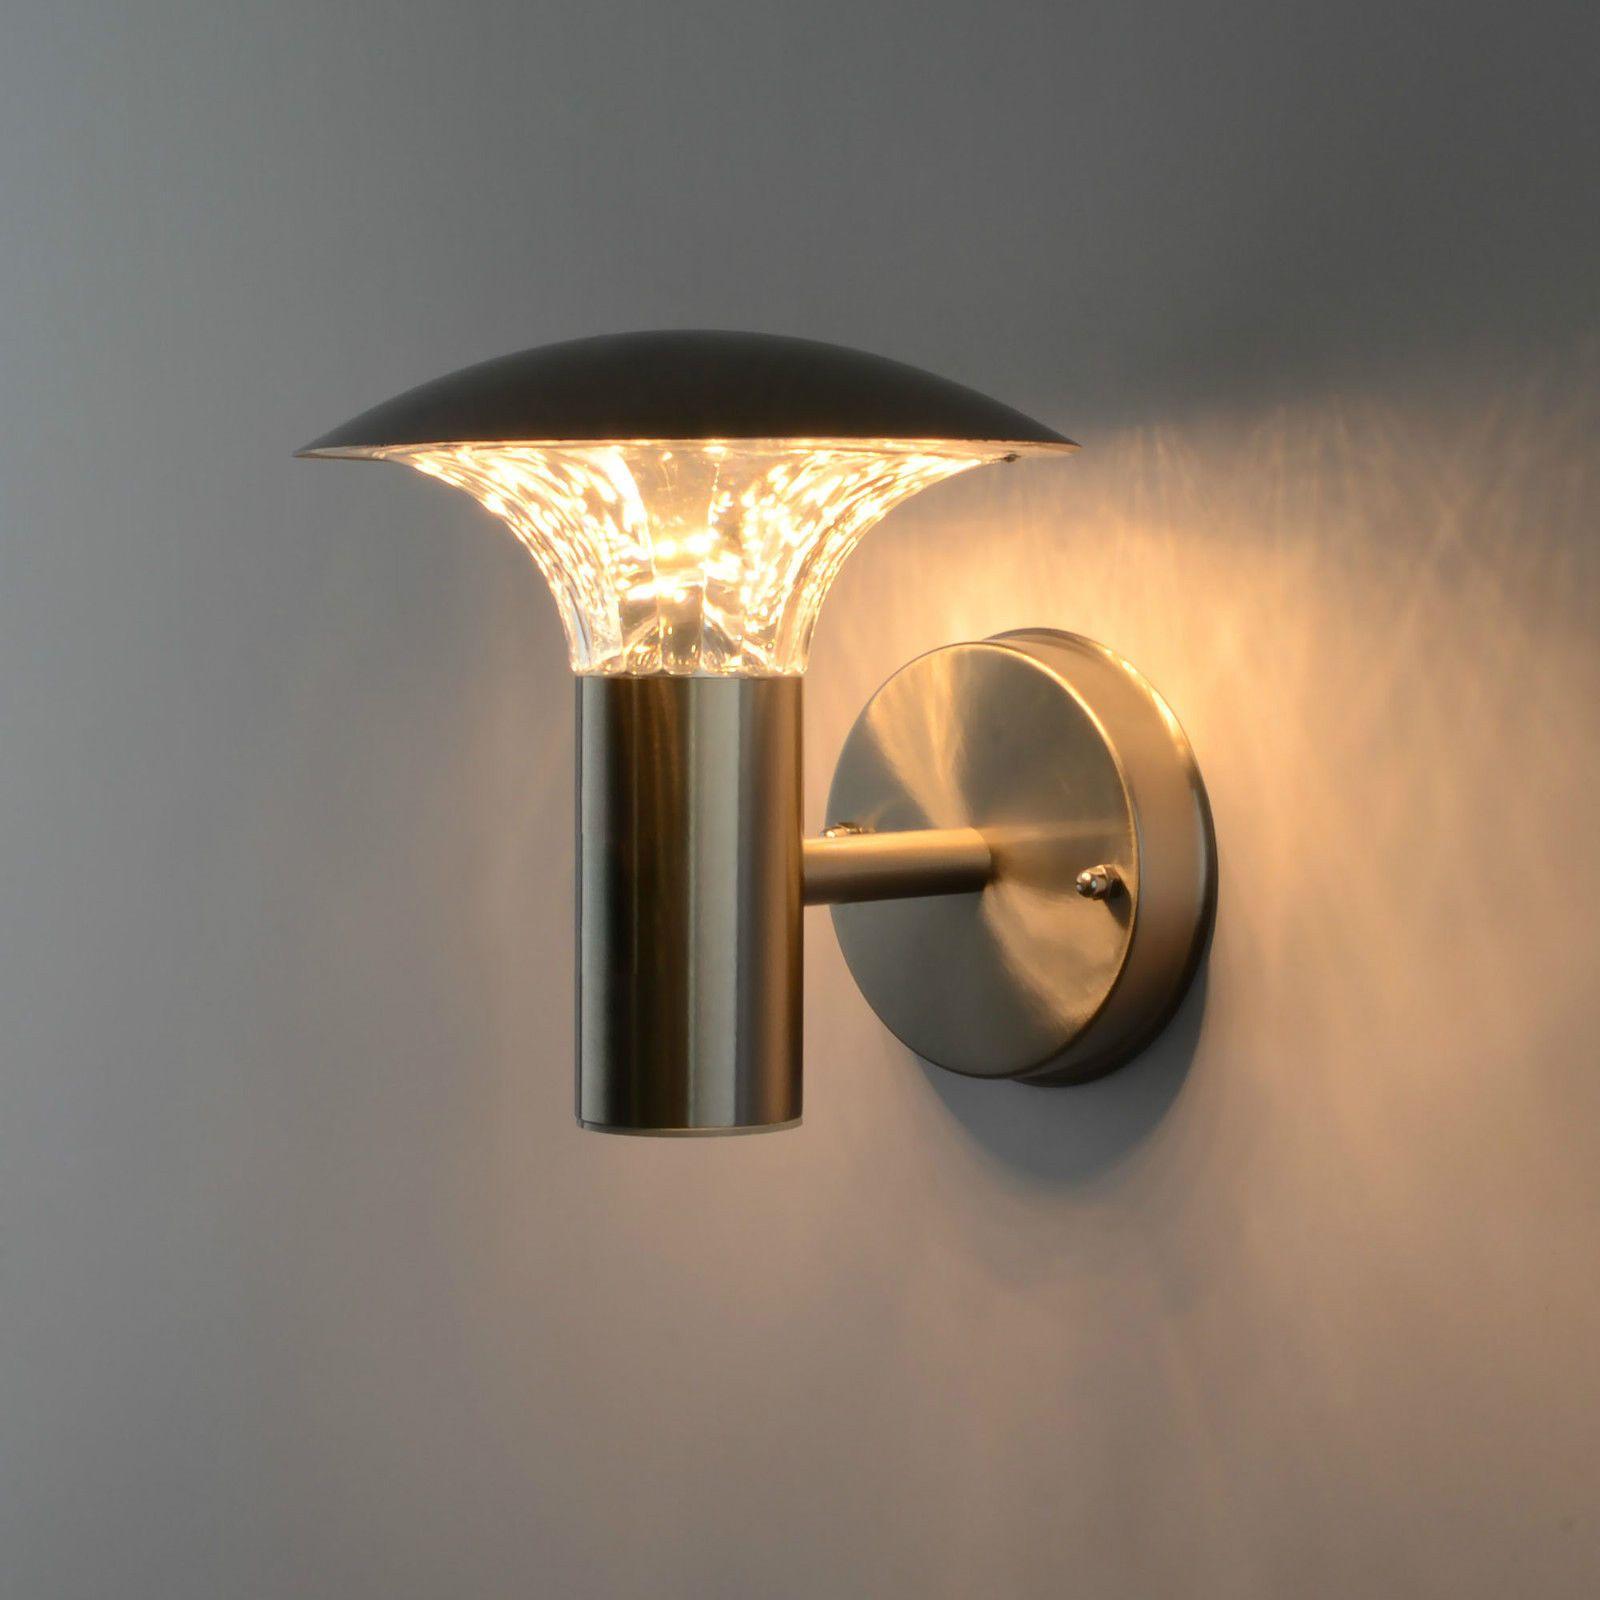 Standleuchte Led Außenleuchte Lampe Bewegungsmelder Wandlampe